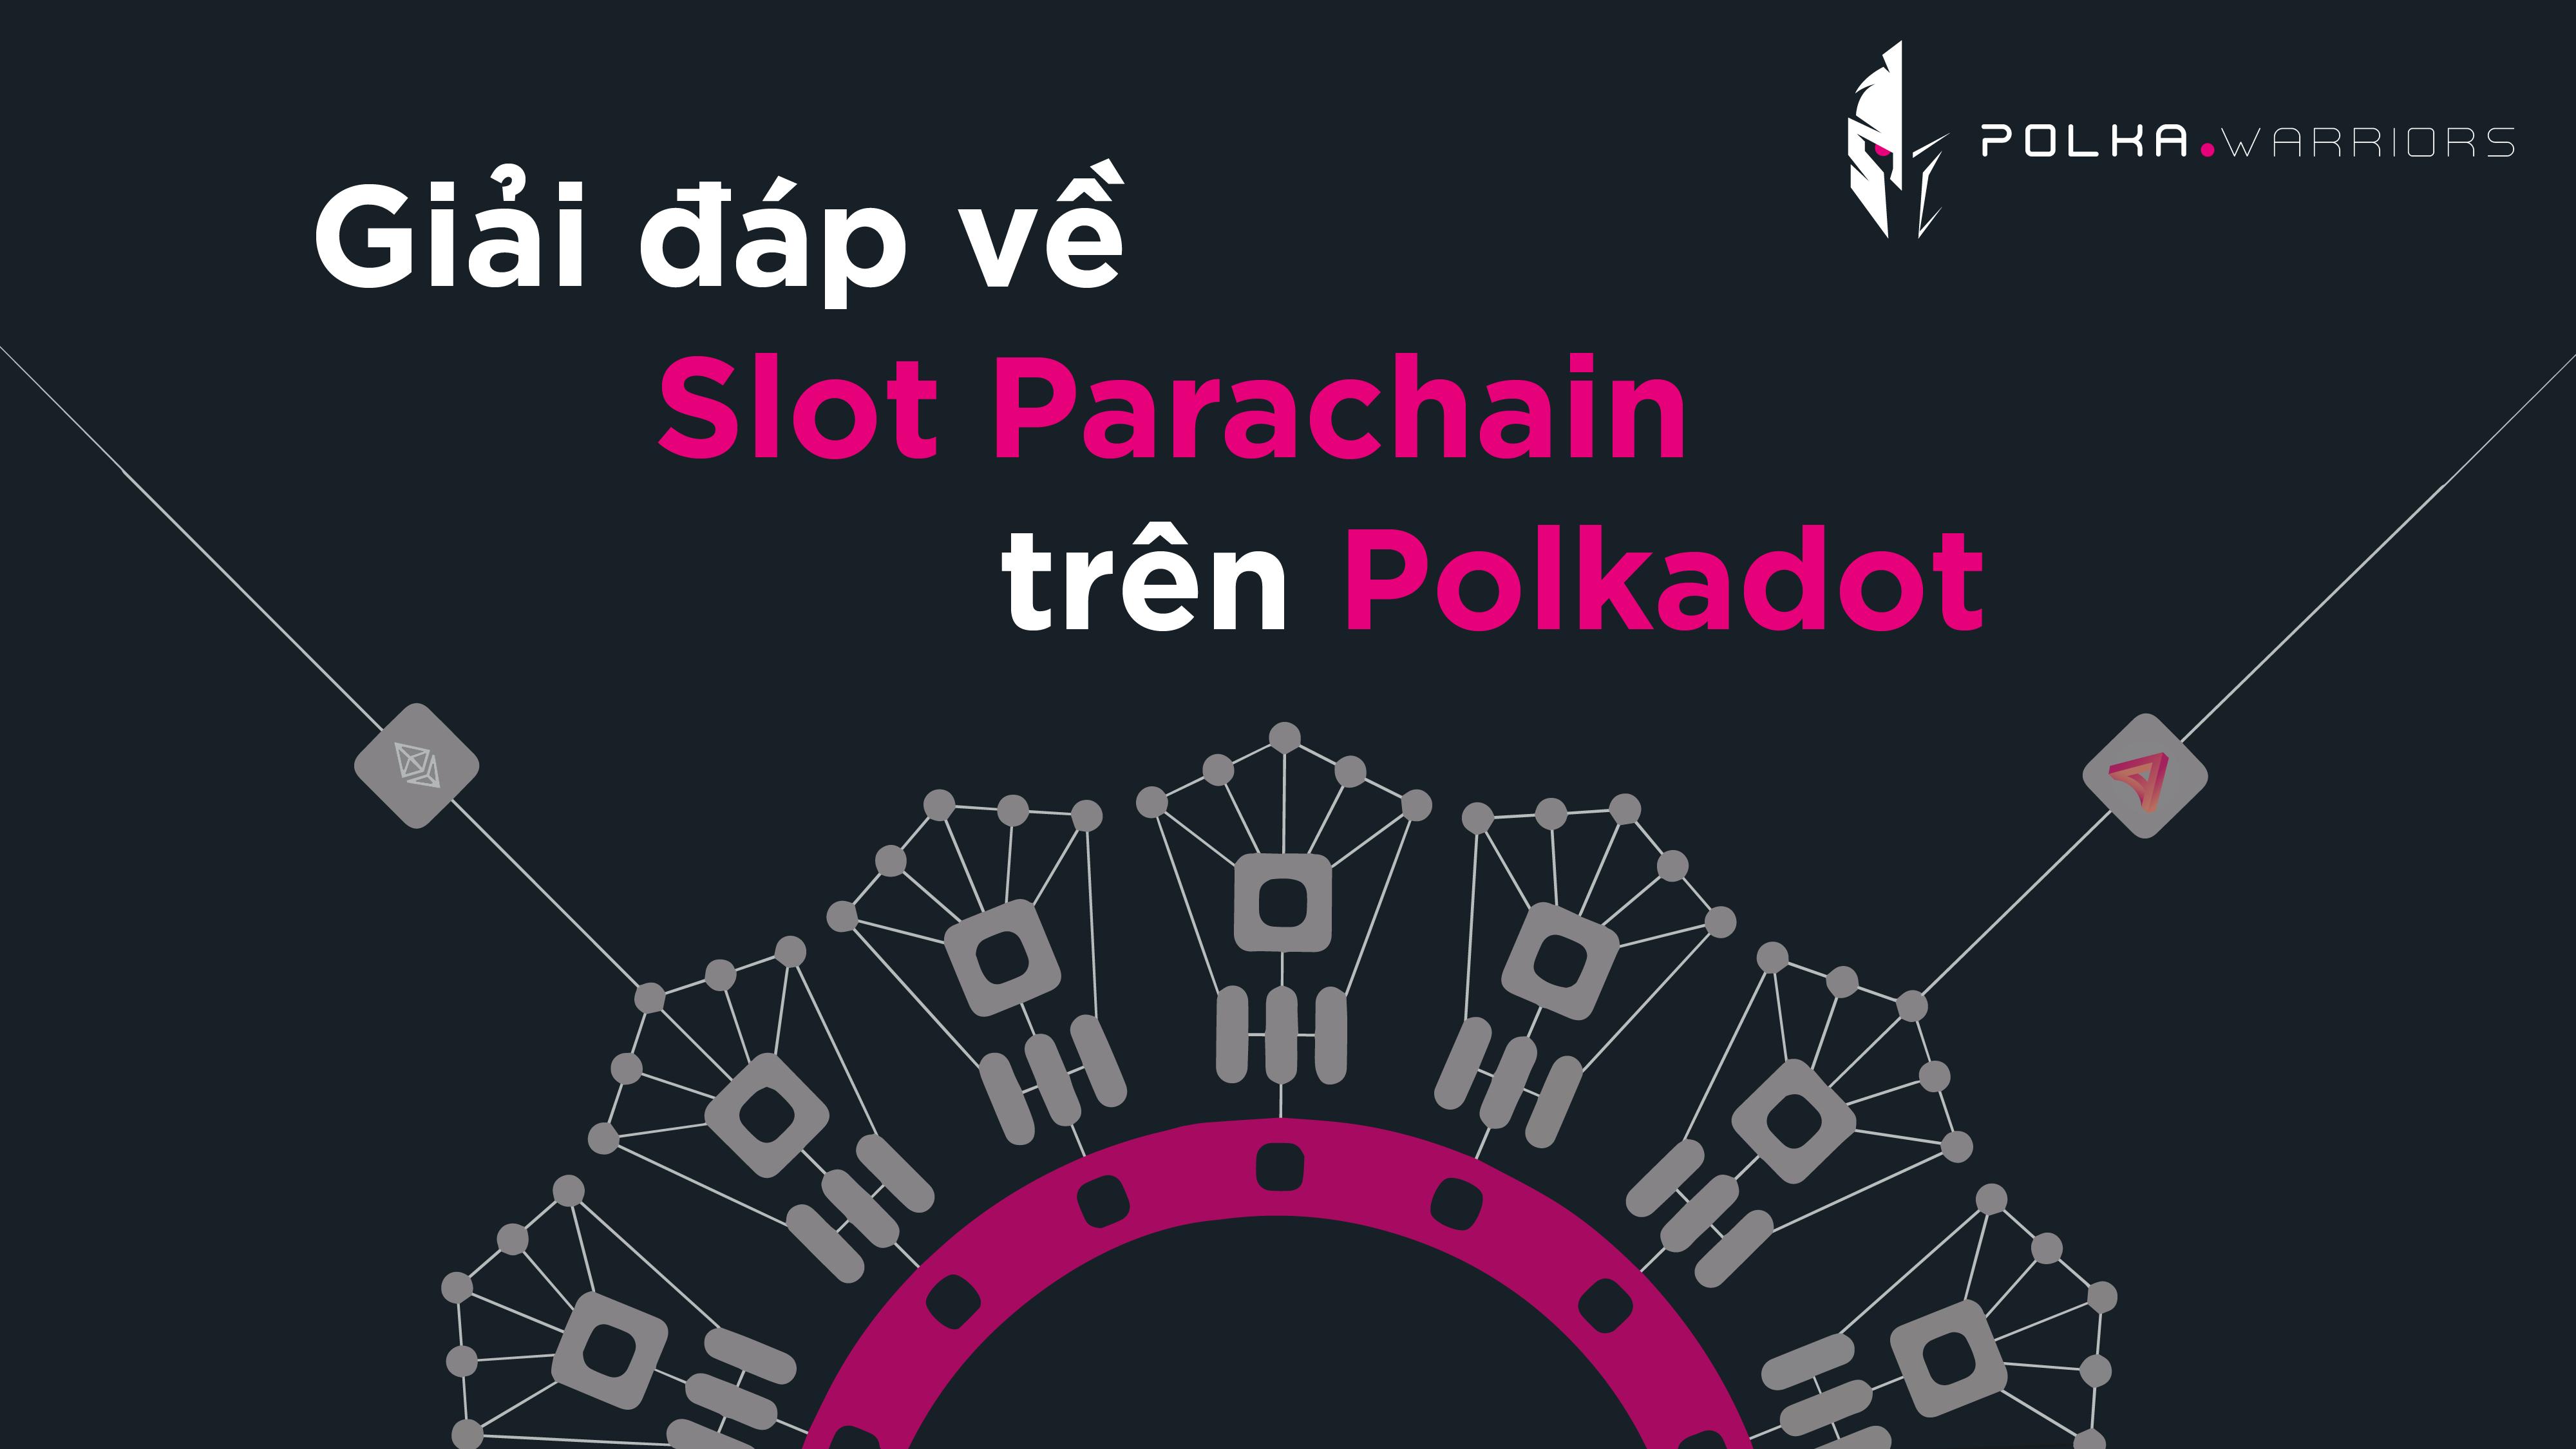 Giải đáp về Slot Parachain trên Polkadot - Syndicator